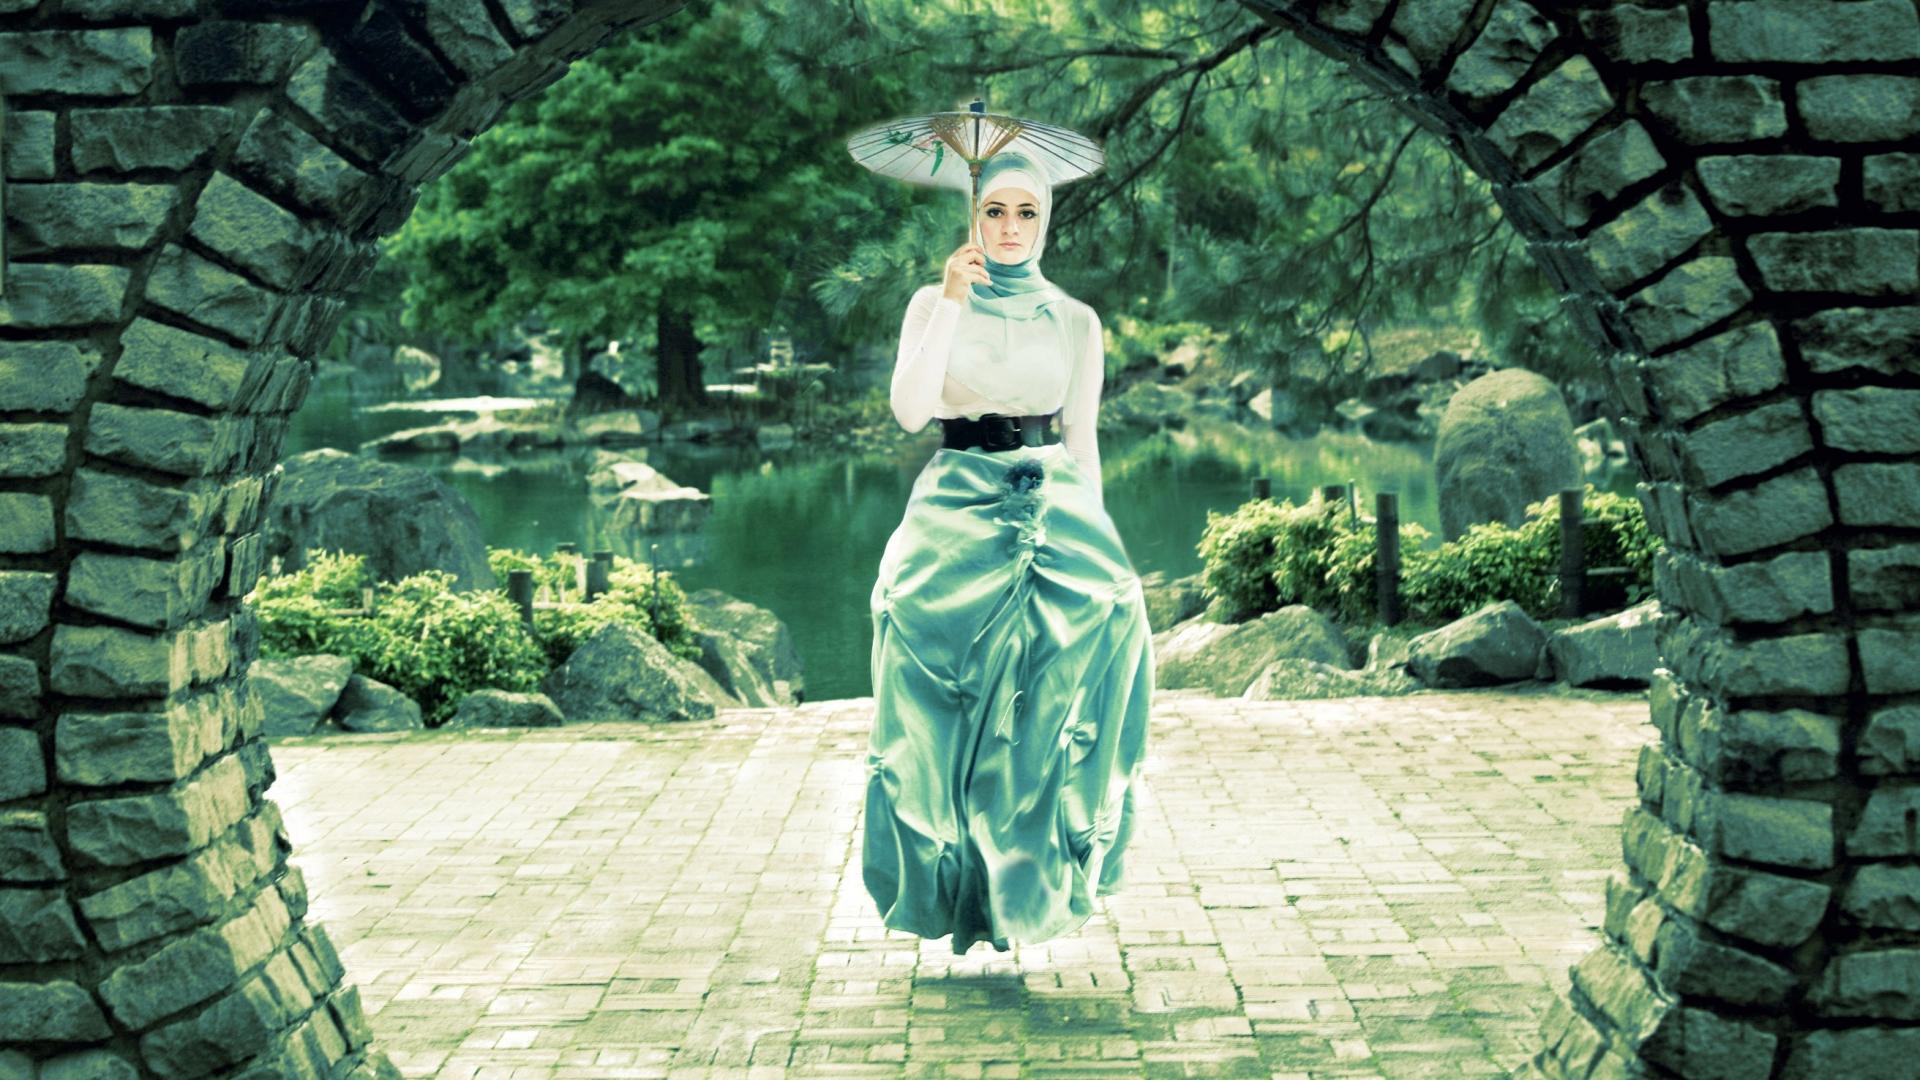 Una mujer flotando - 1920x1080